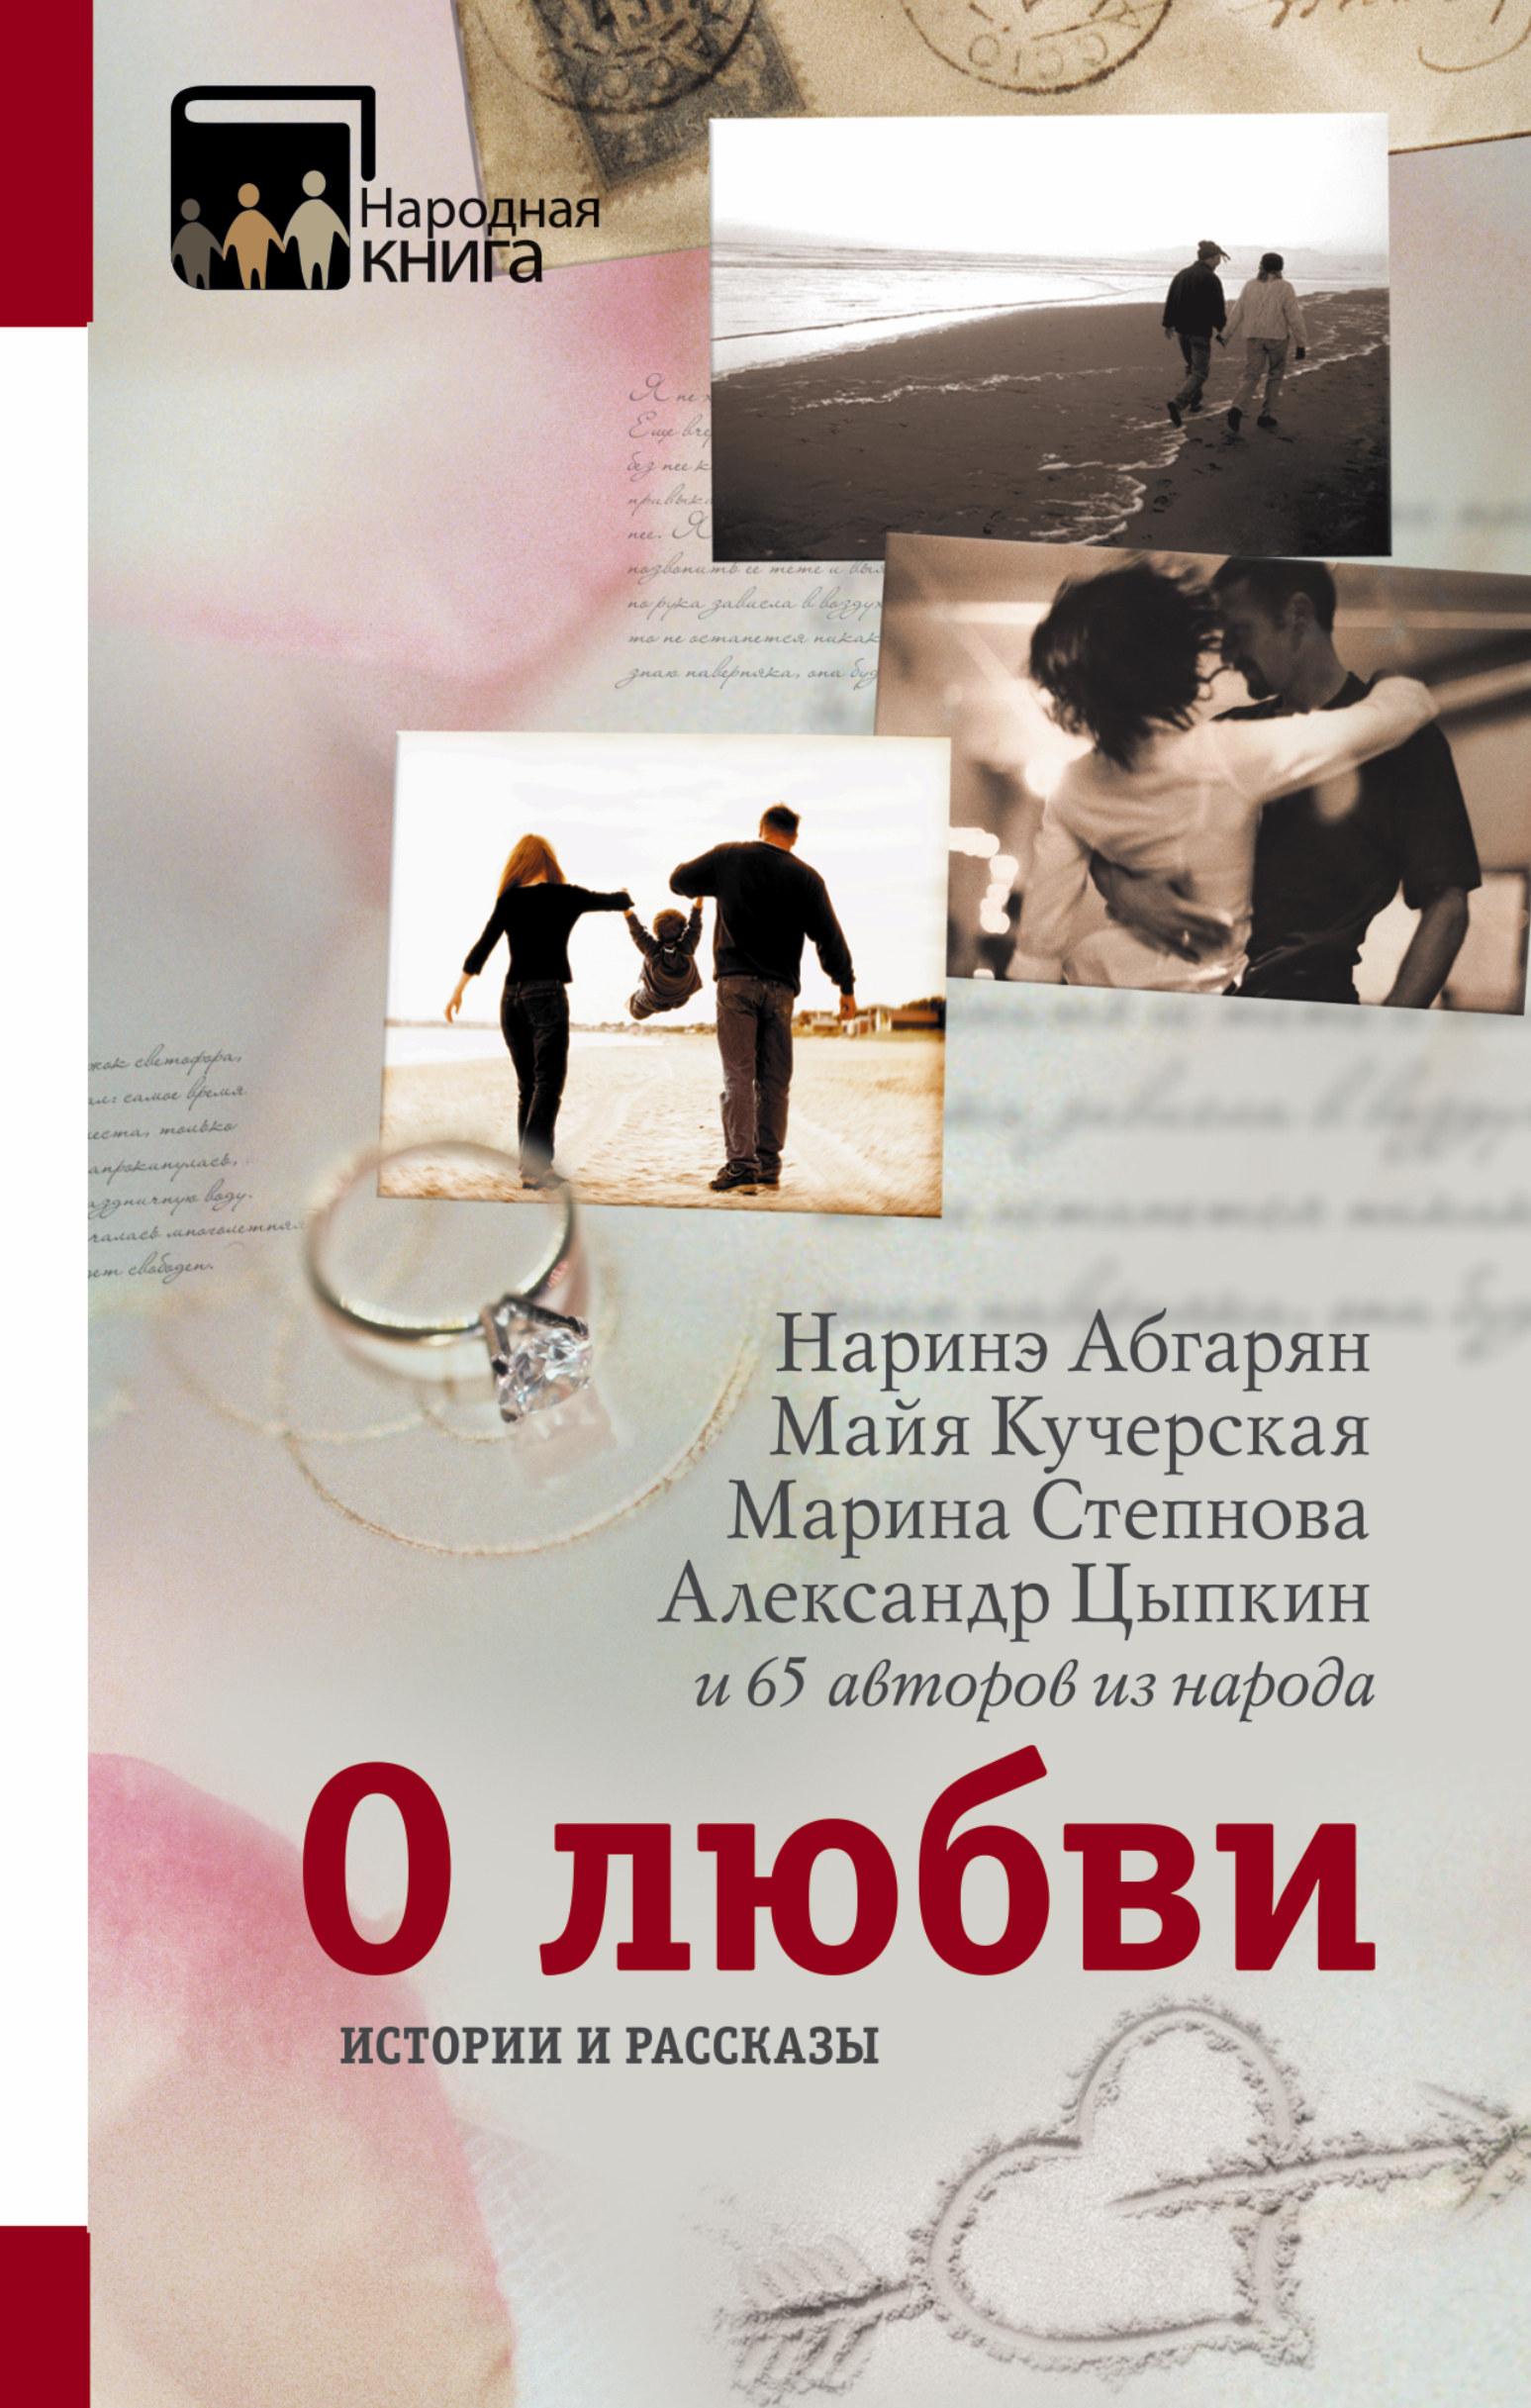 Конкурс рассказов о любви